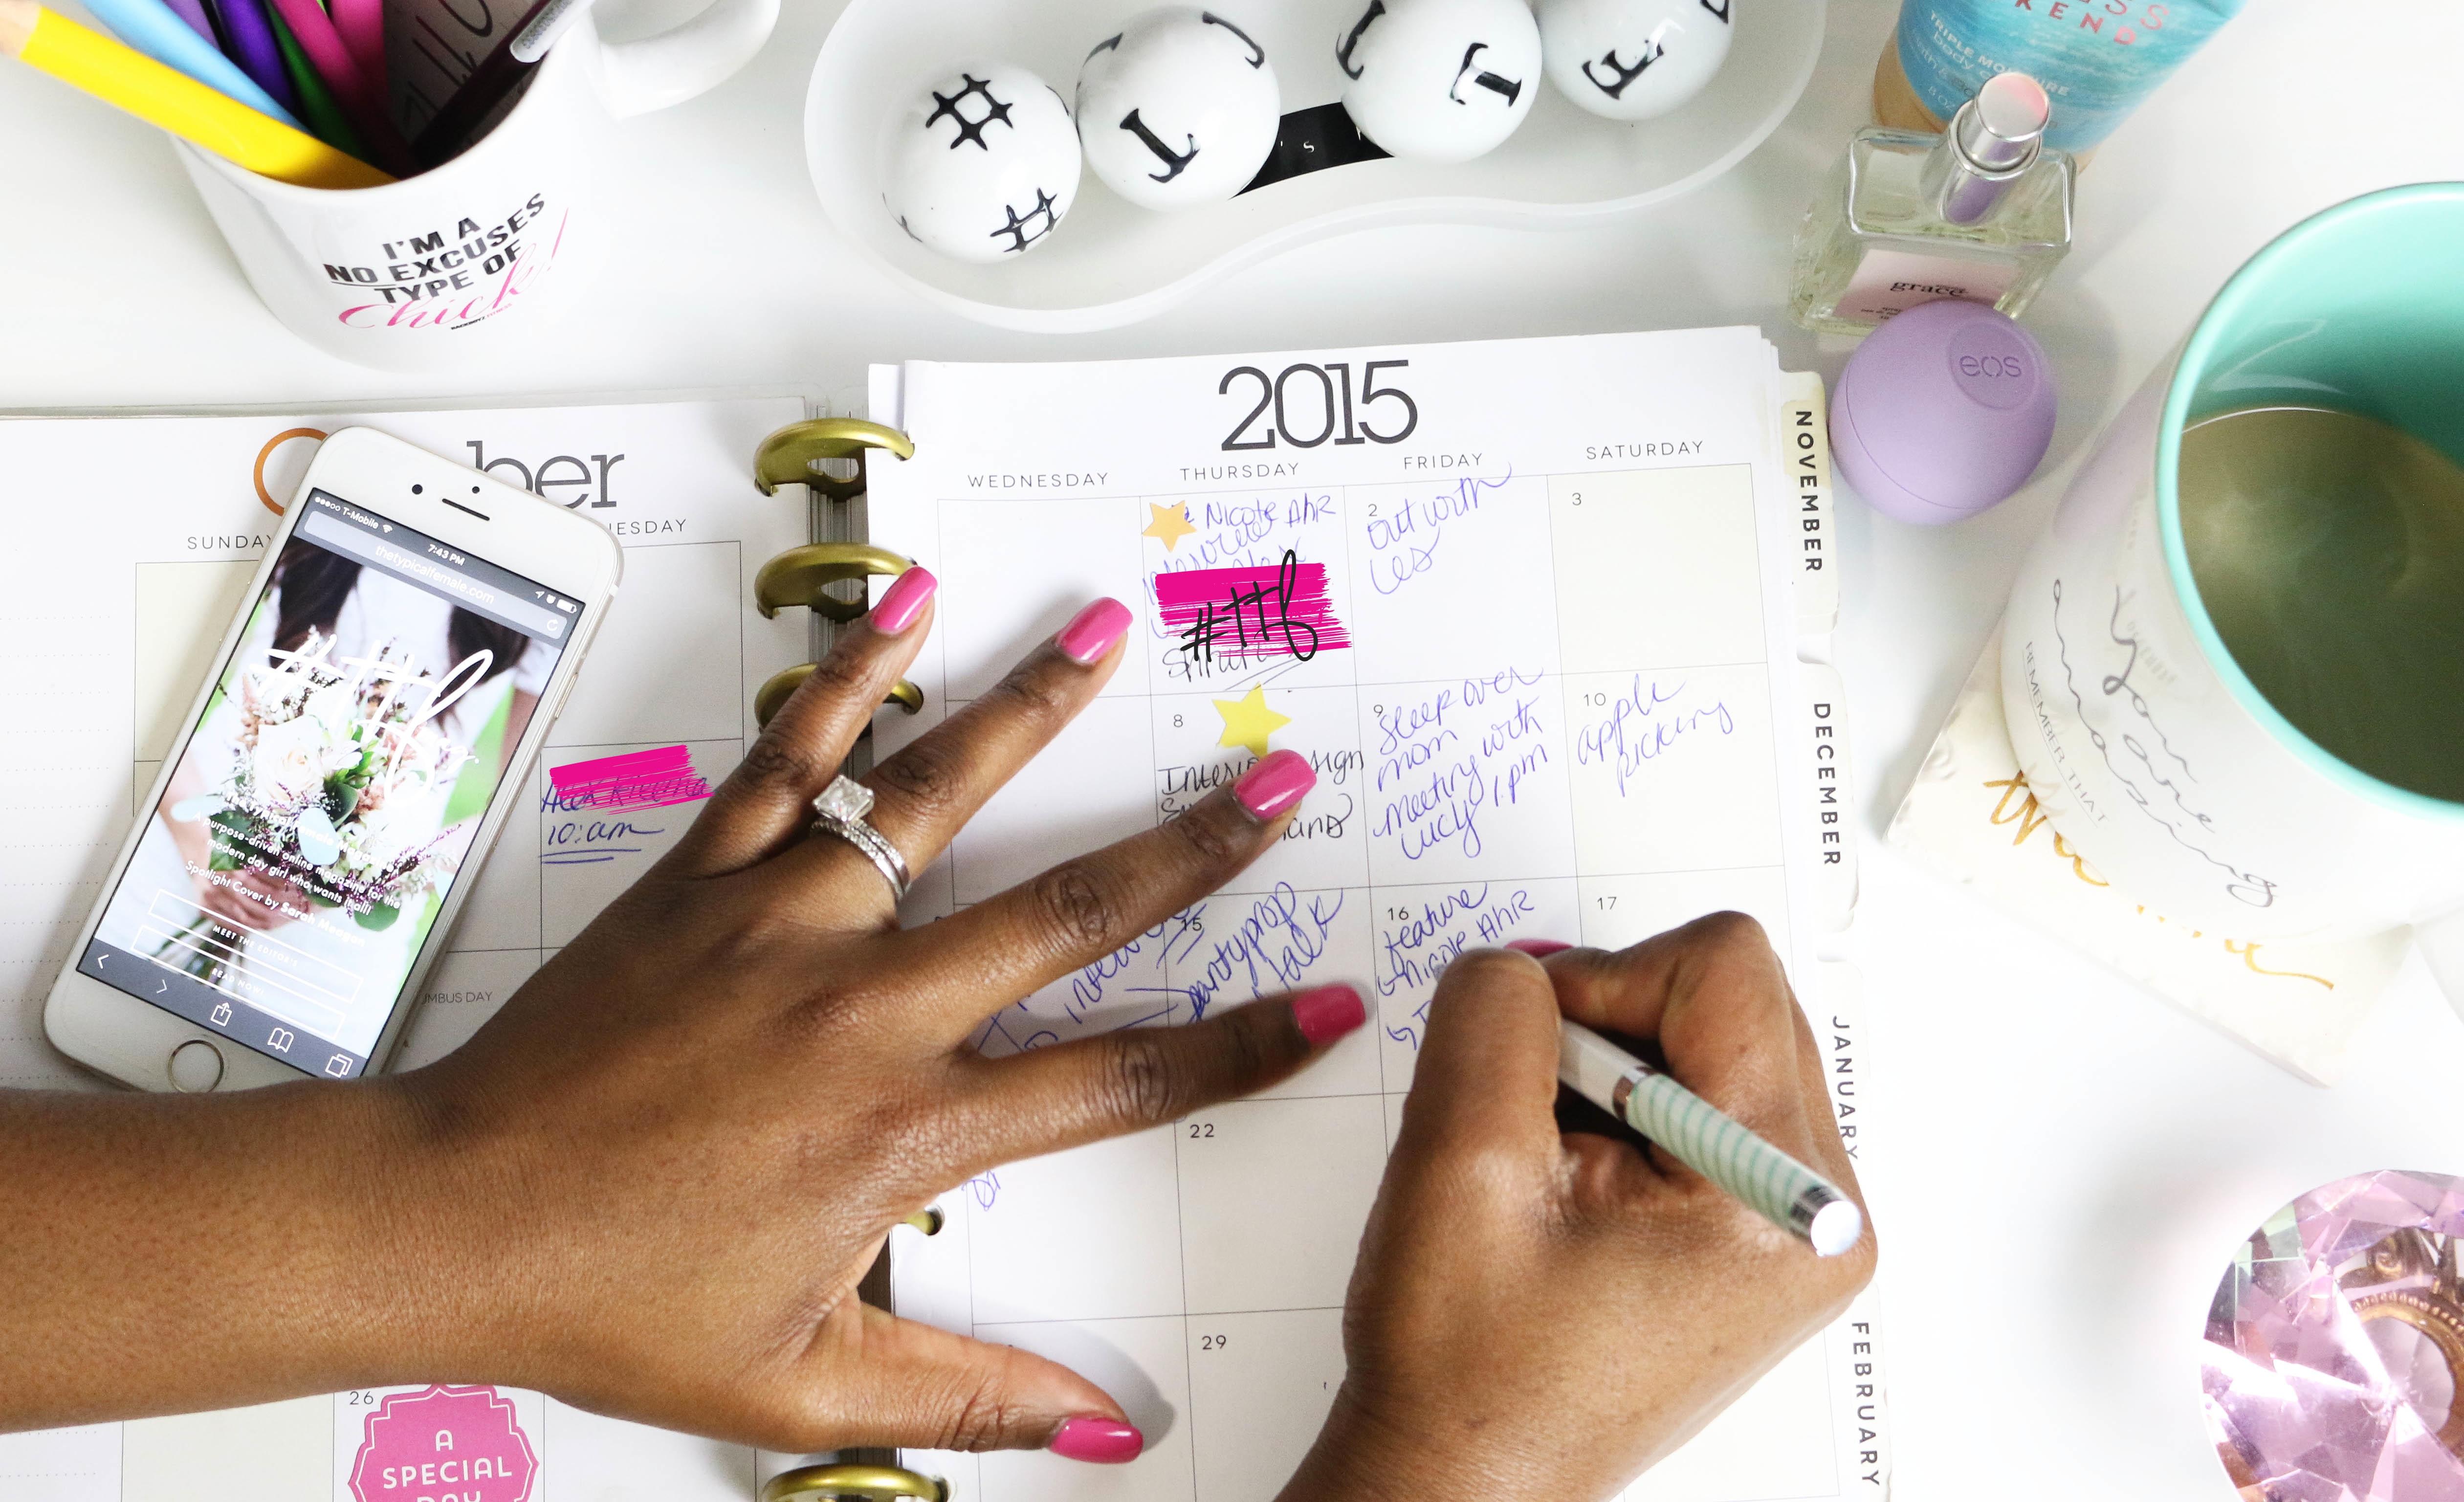 Zählen Sie Wochen, nicht Stunden - So werden auch unkonkrete Projekte machbar